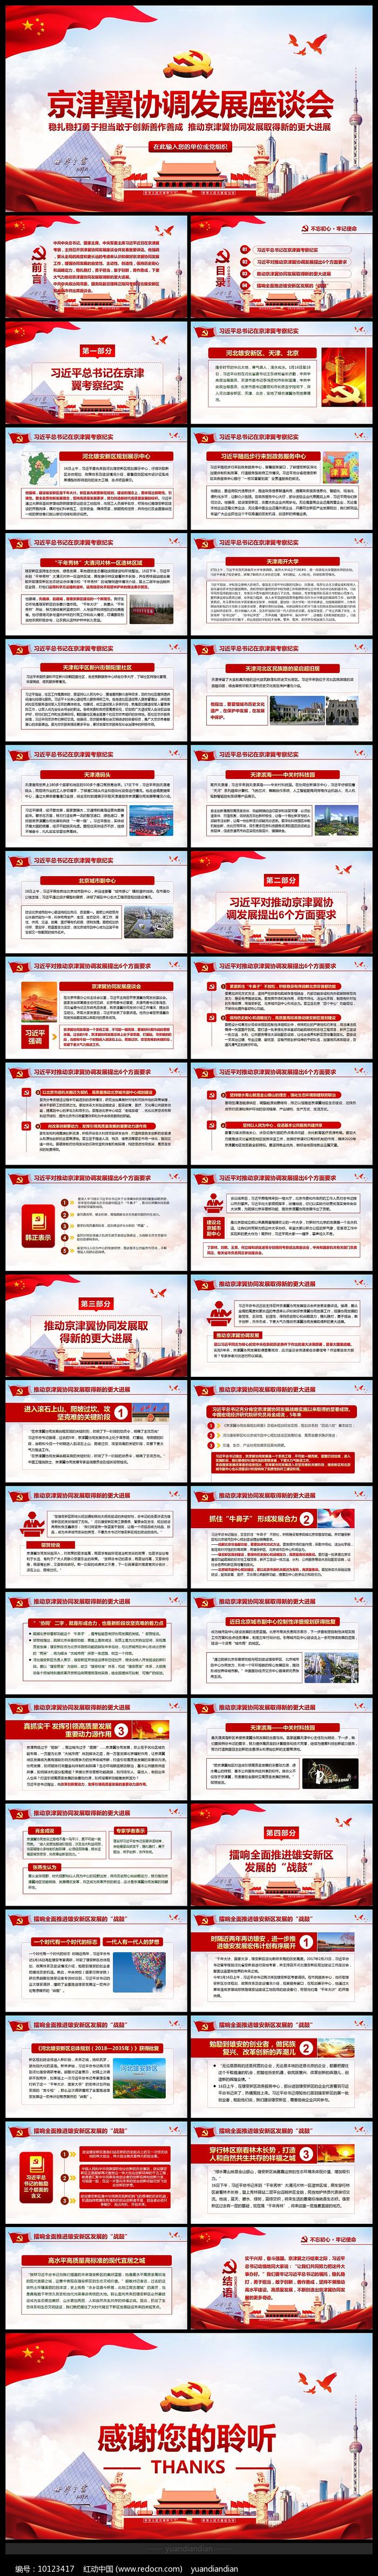 京津冀协同发展党建PPT图片